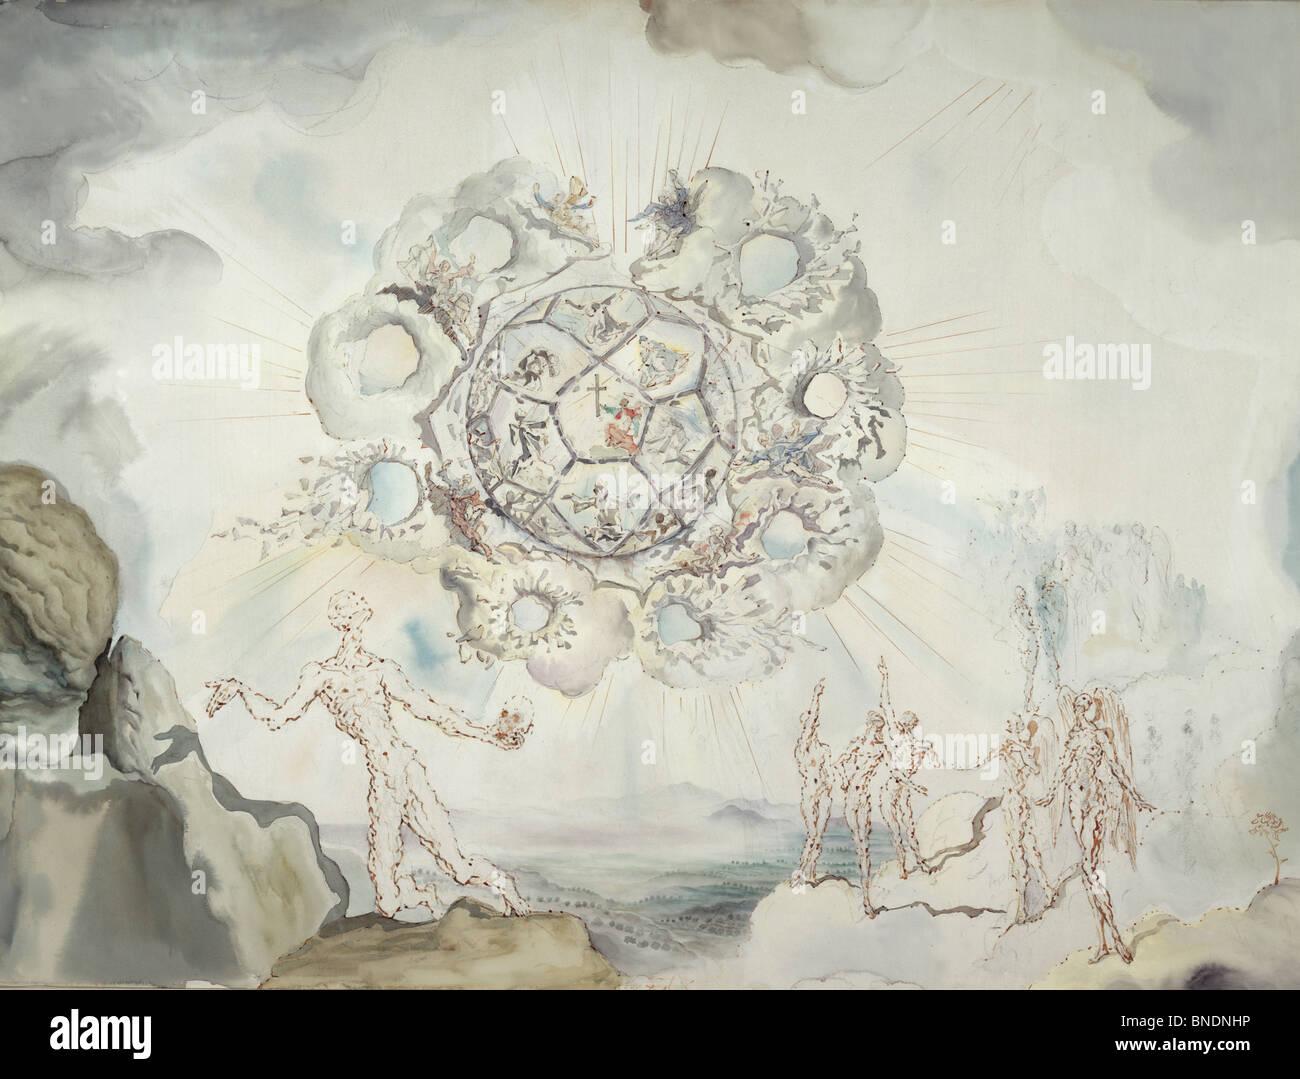 Cosmic Contemplation by Salvador Dali, 1904-1989, USA, Florida, St. Petersburg, Salvador Dali Museum - Stock Image